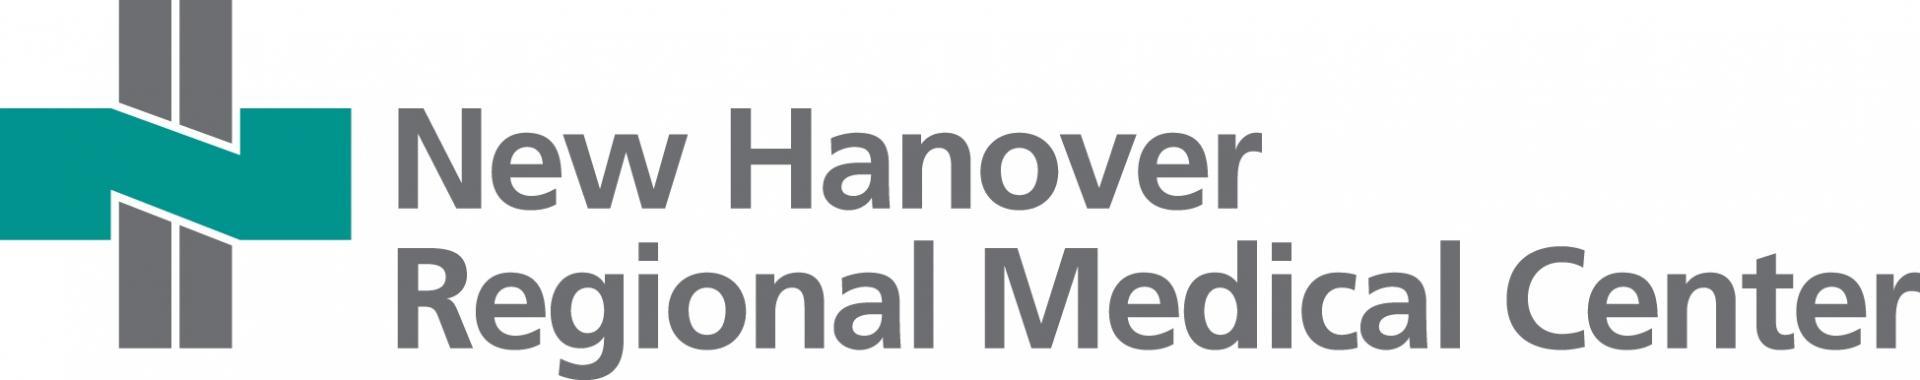 New_Hanover_Regional_Medical_Center